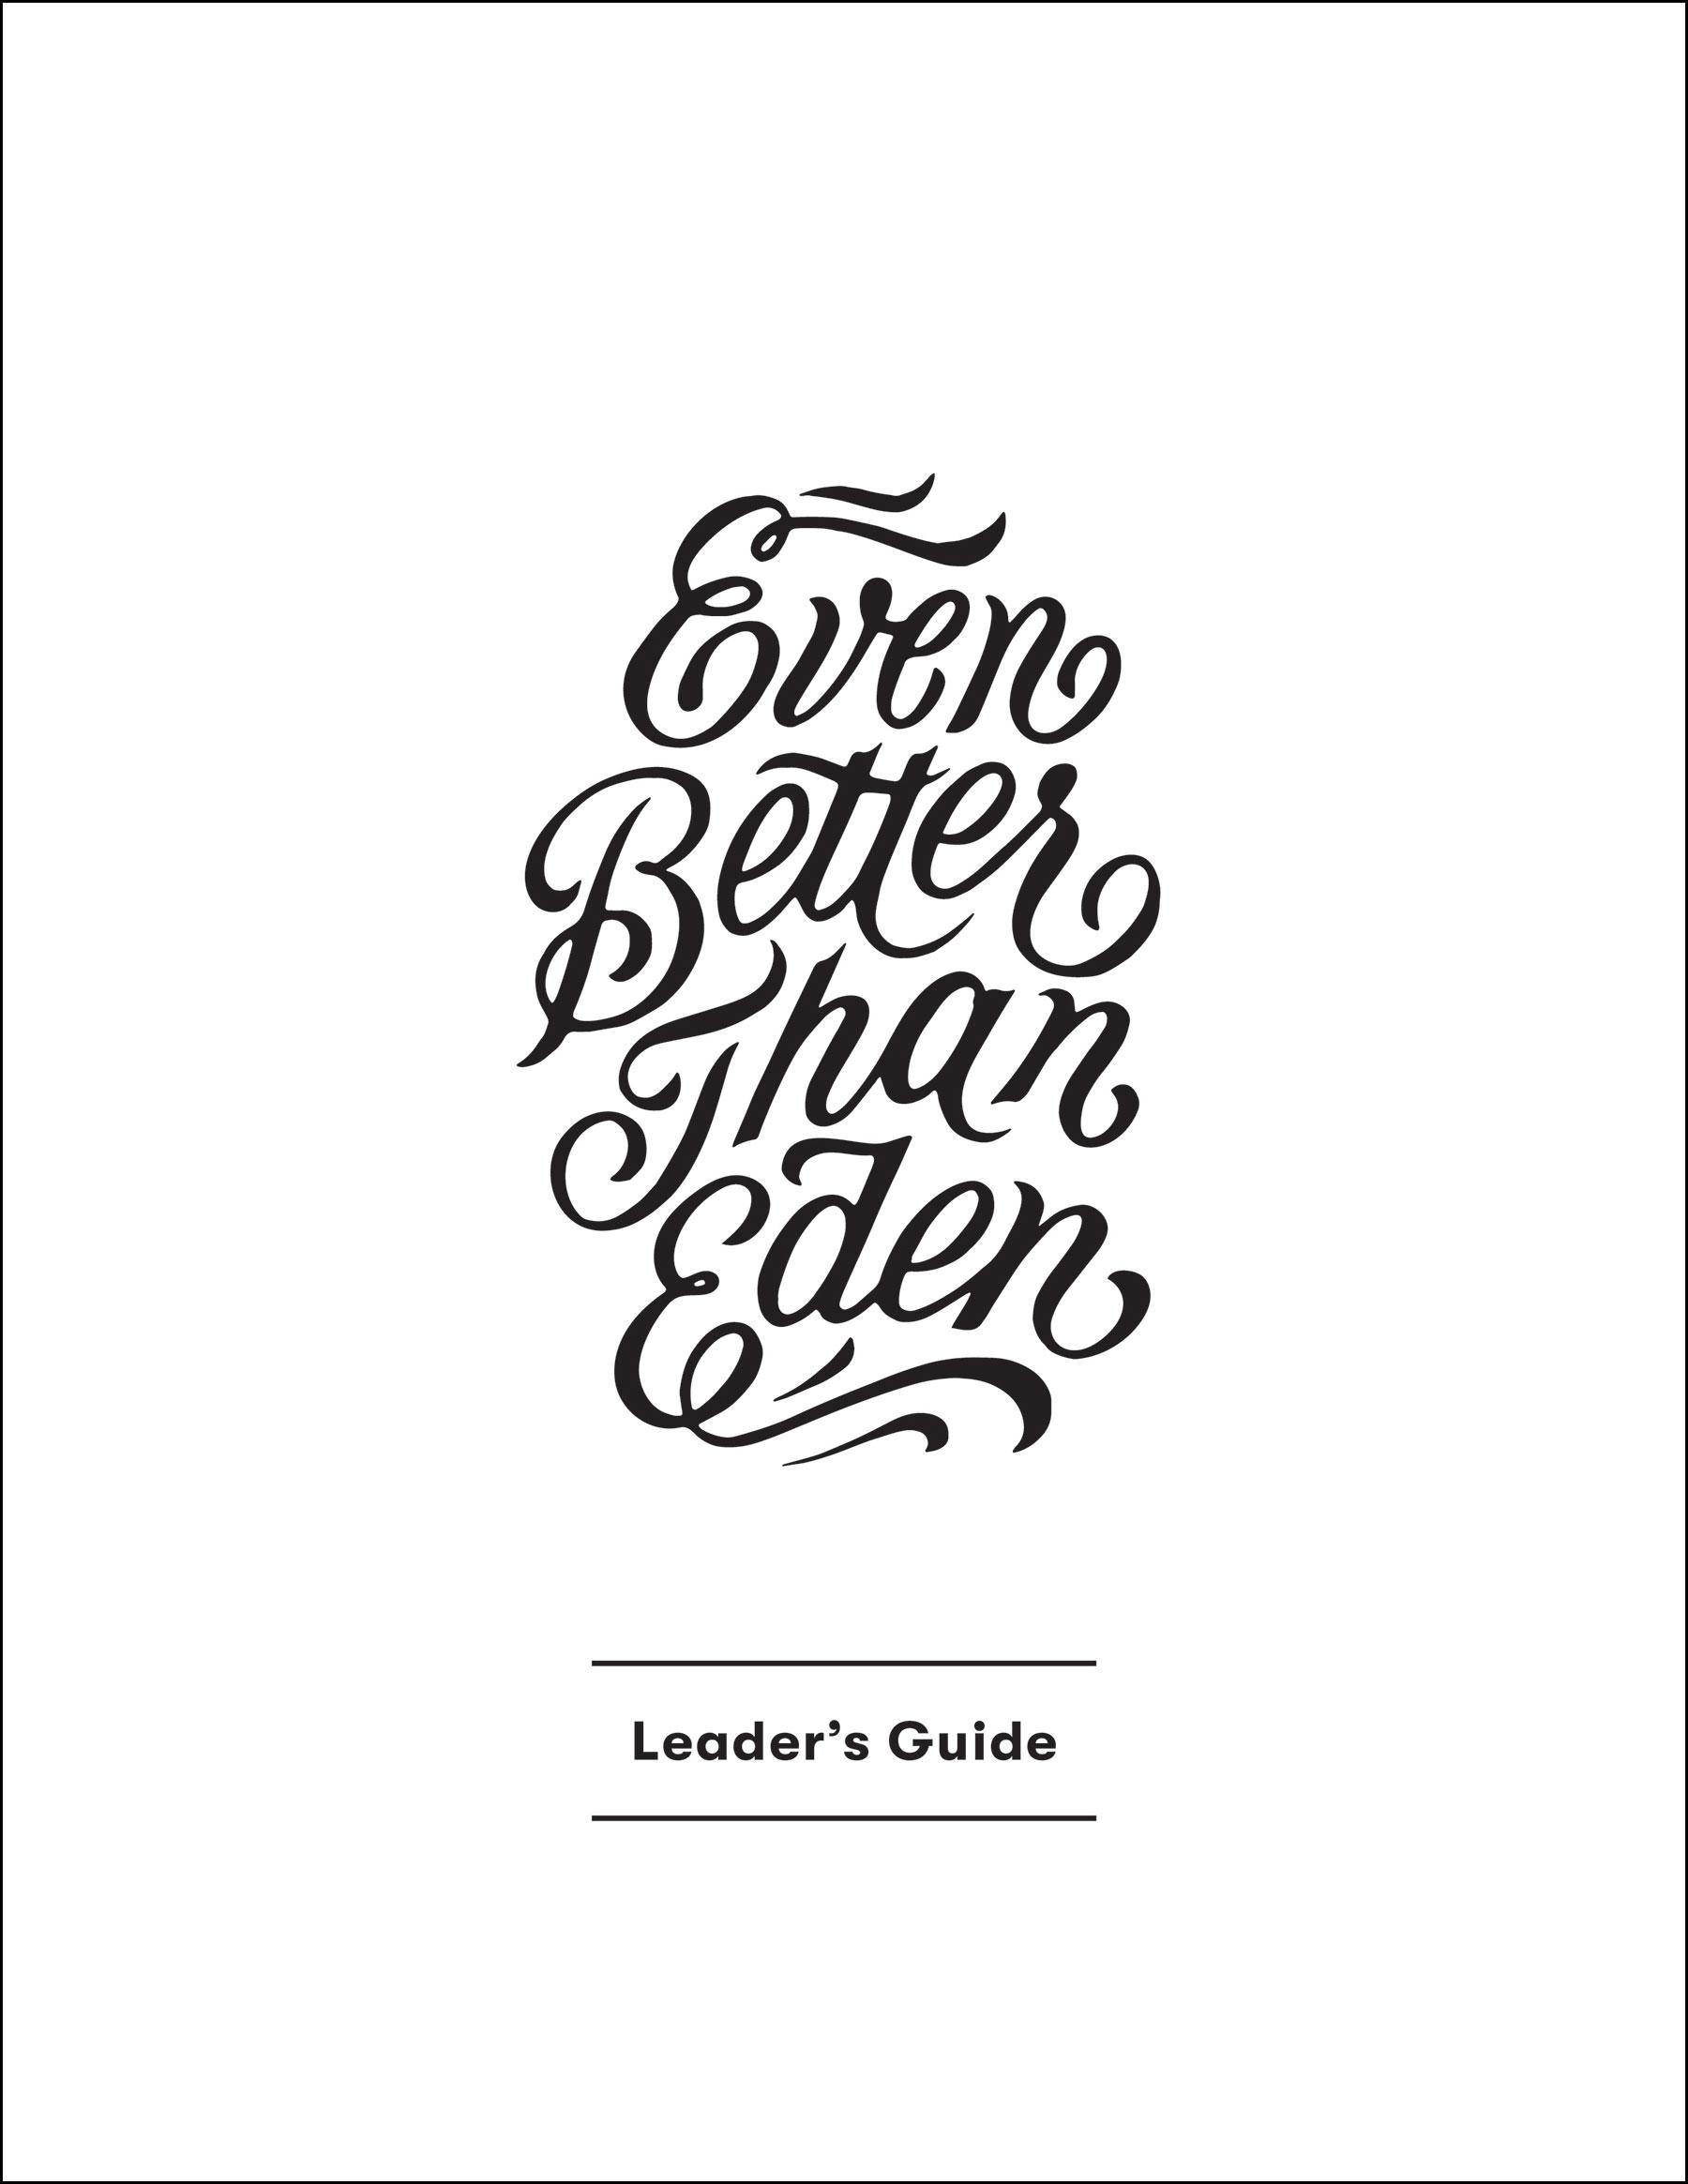 Even-better-than-Eden-leaders-guide.jpg